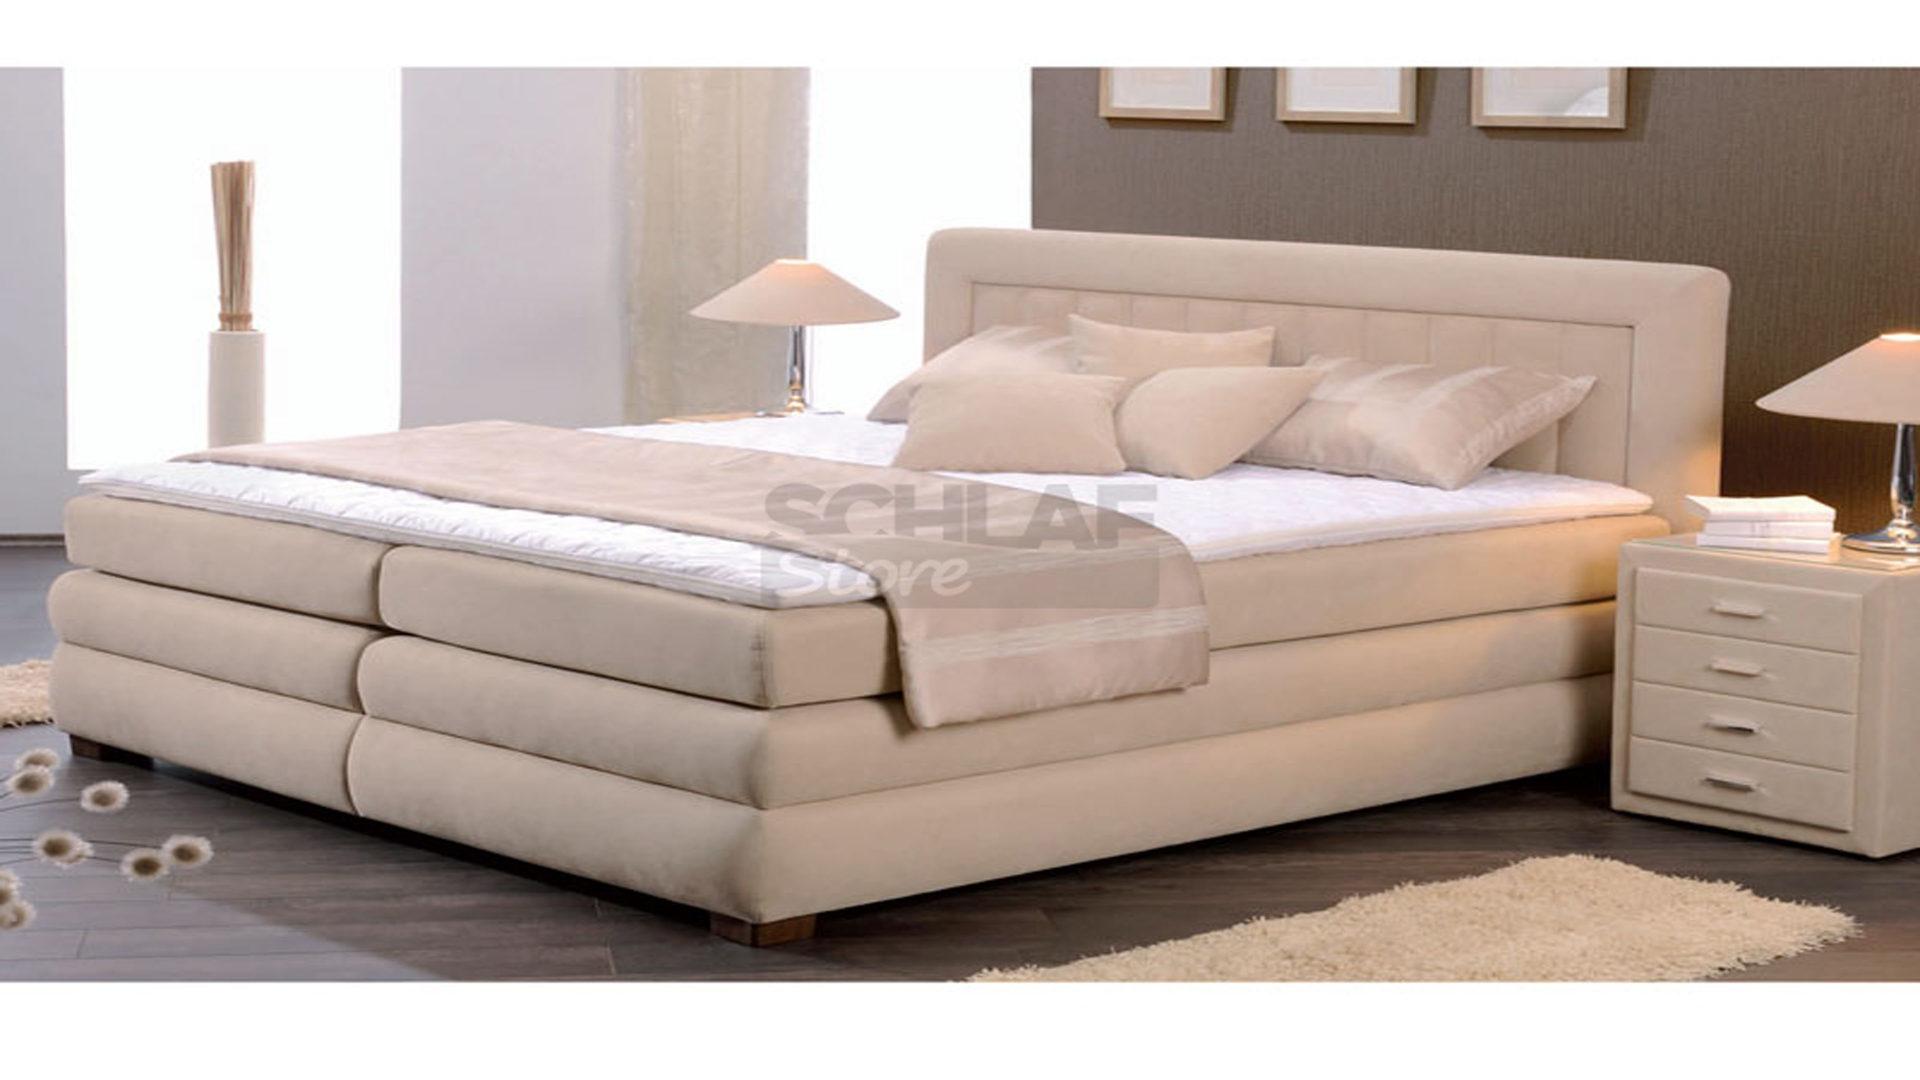 Stunning Schlafzimmer Bett Günstig Ideas - Kosherelsalvador.com ...